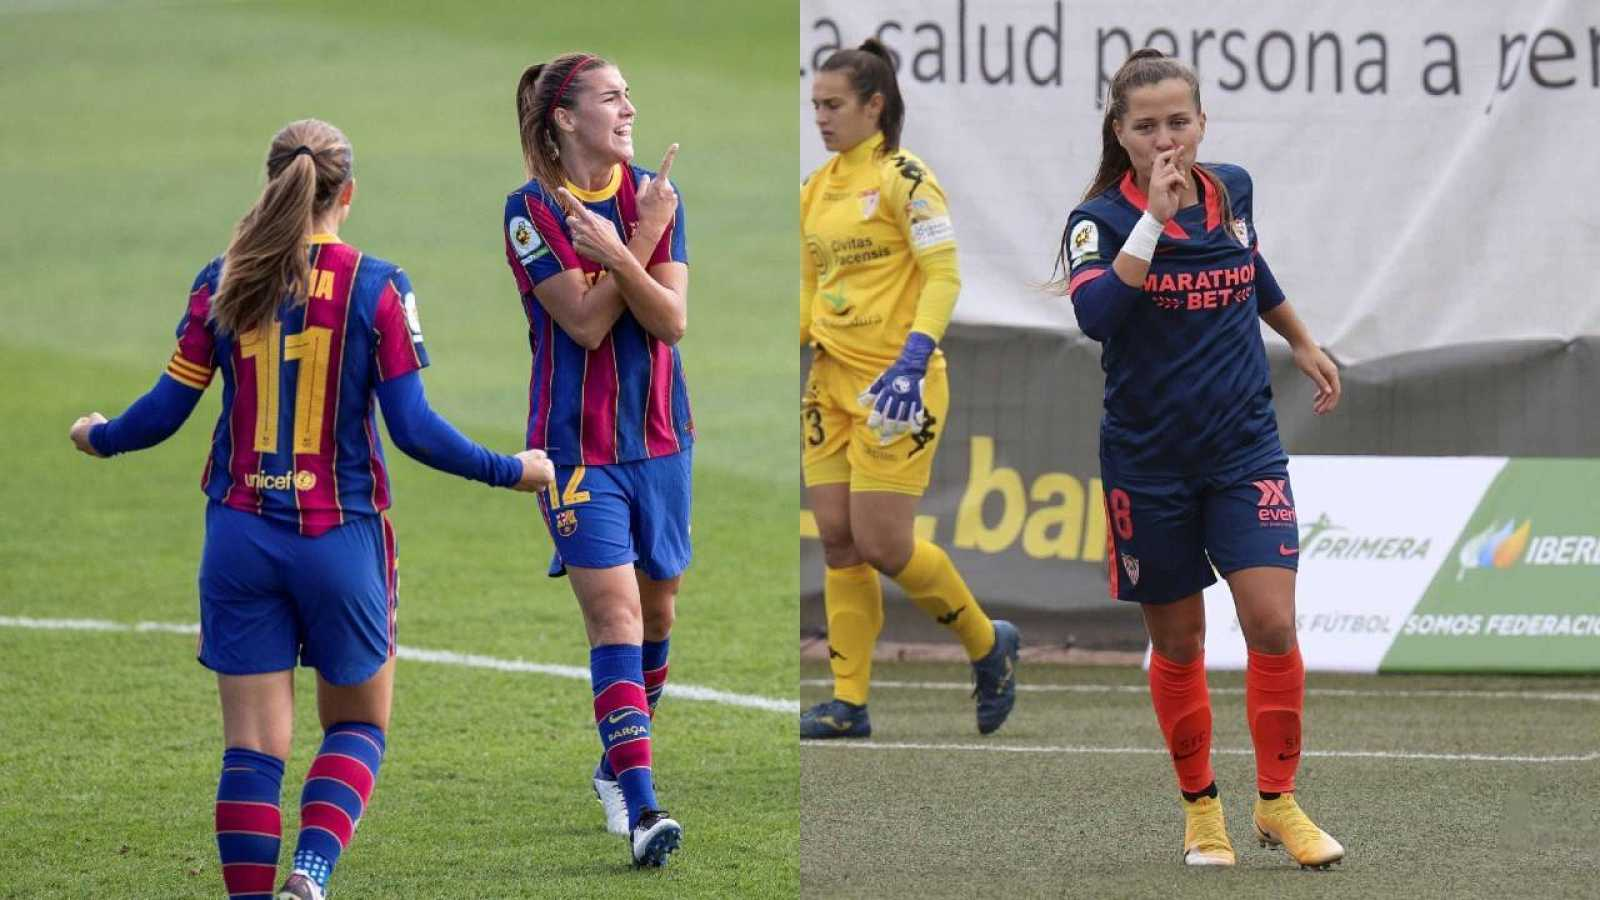 Patri Guijarro y Alexia Putellas celebran un gol ante el Real Madrid (i), a la derecha, Claudia Pina festeja su tanto ante el Santa Teresa de Badajoz